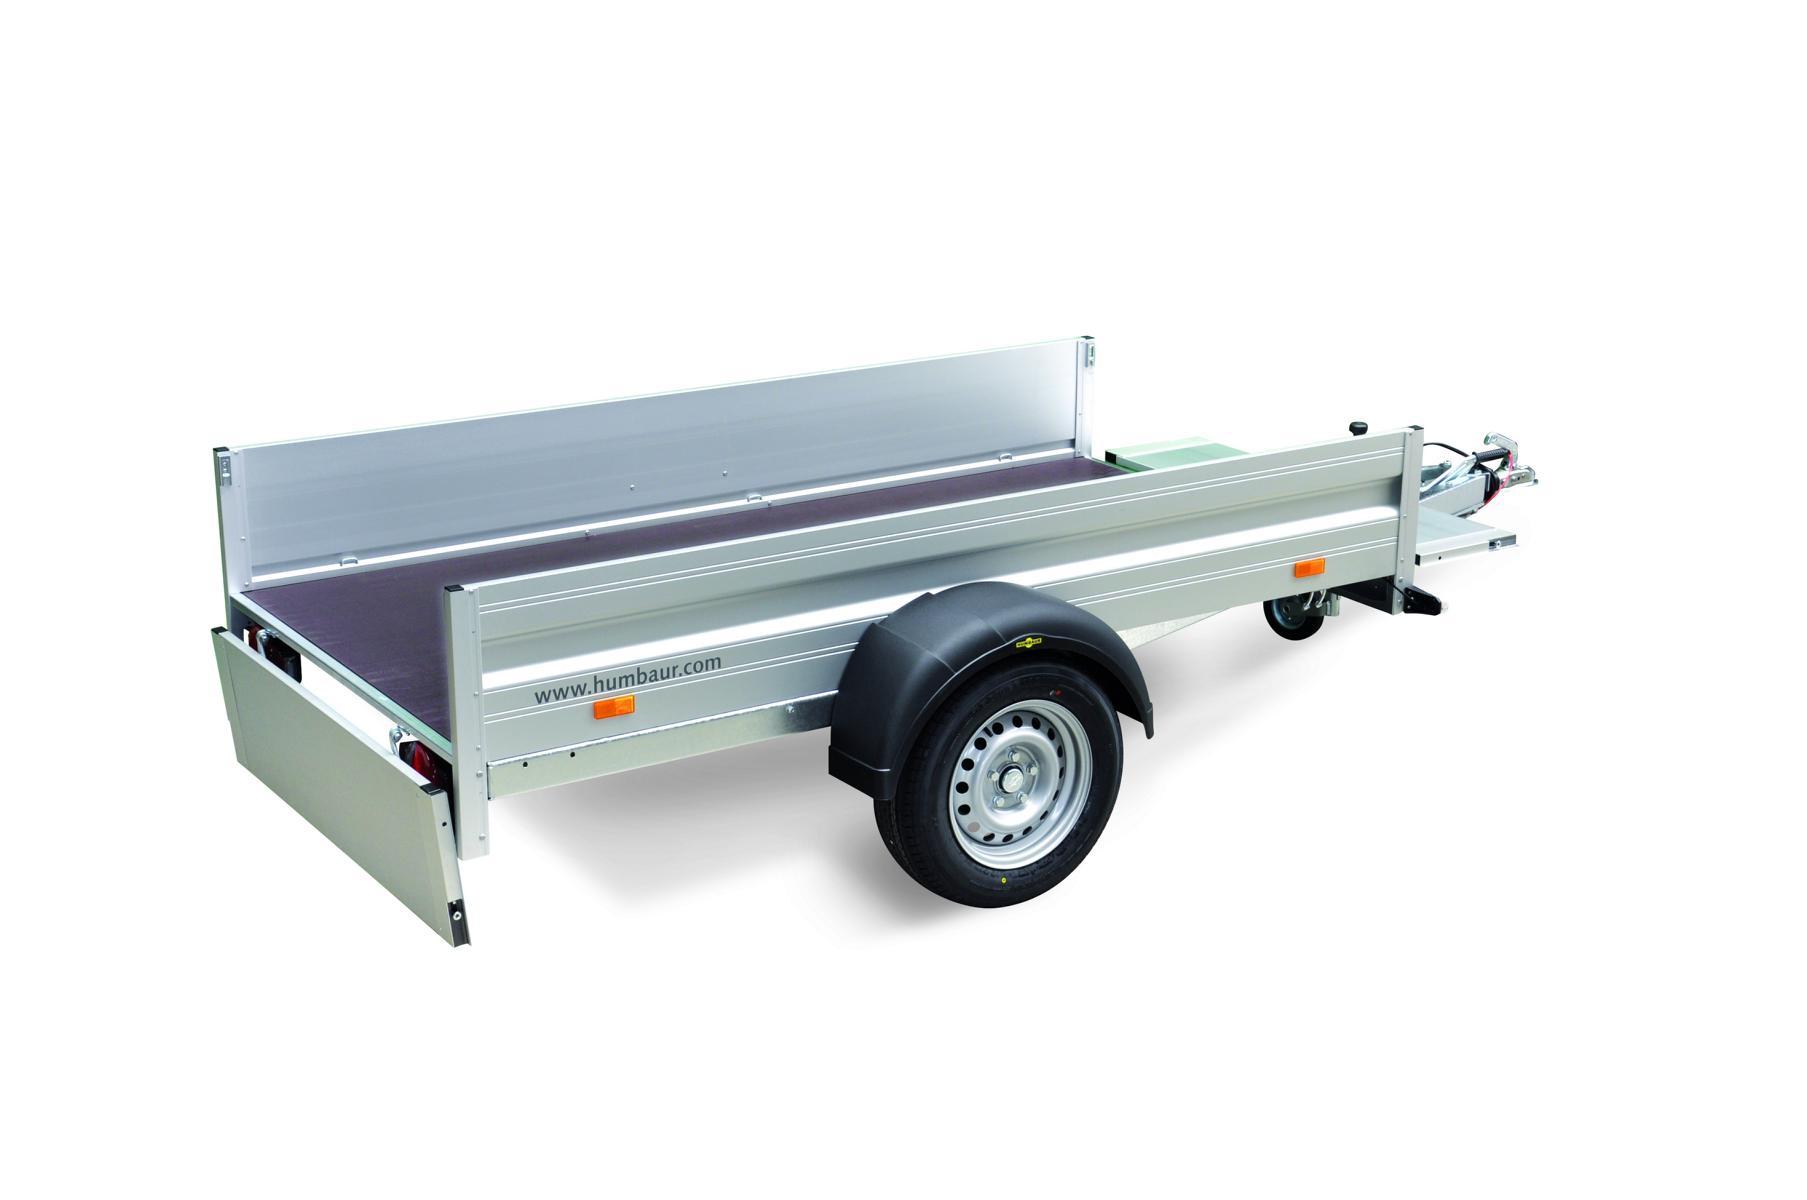 Anhänger - HP Anhänger GmbH & Co KG